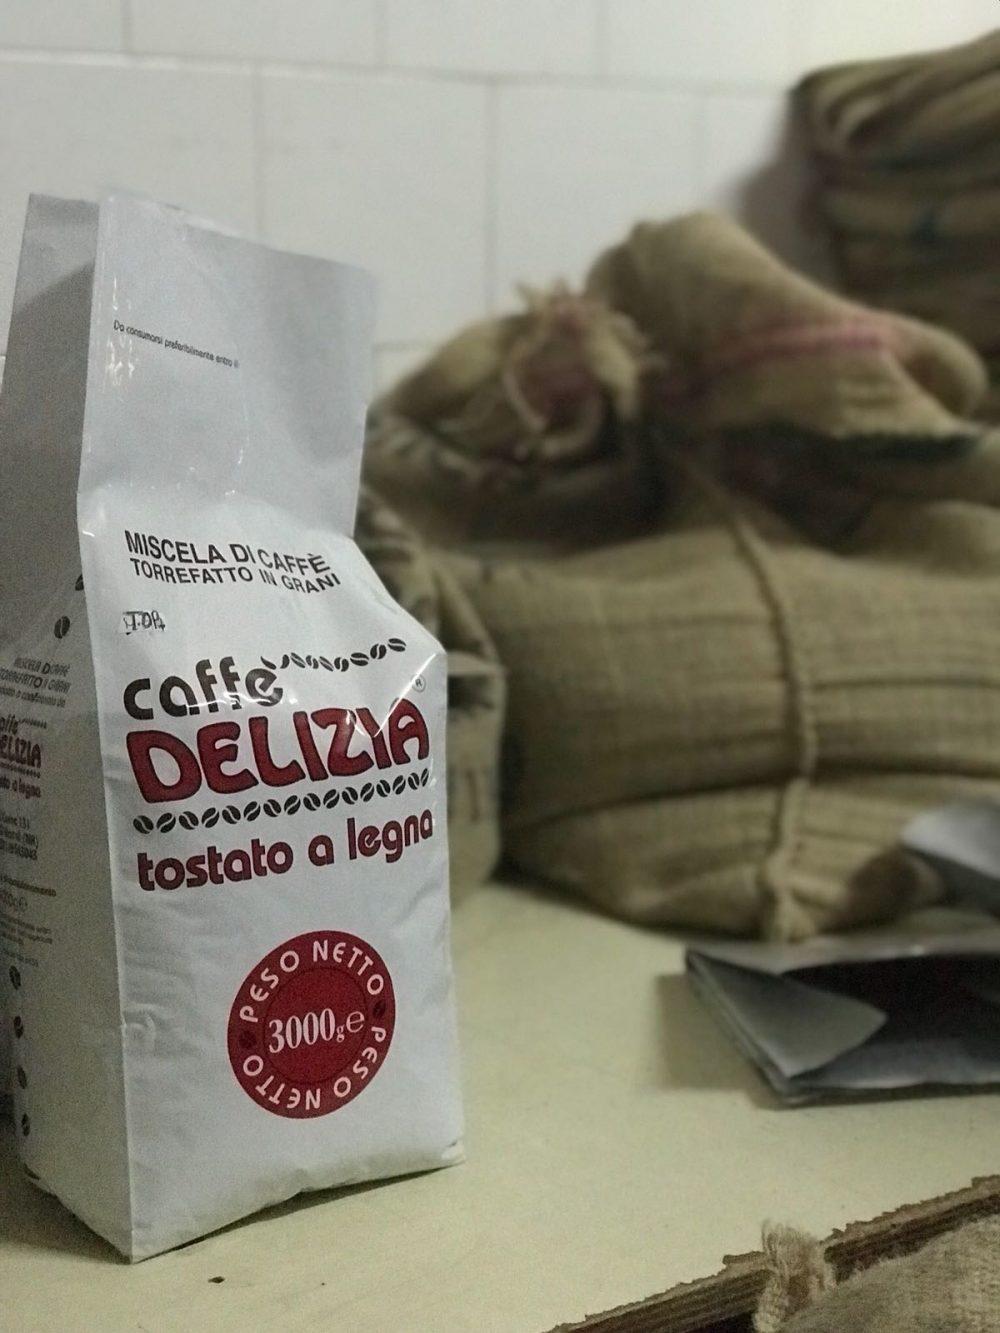 La torrefazione Caffe' Delizia